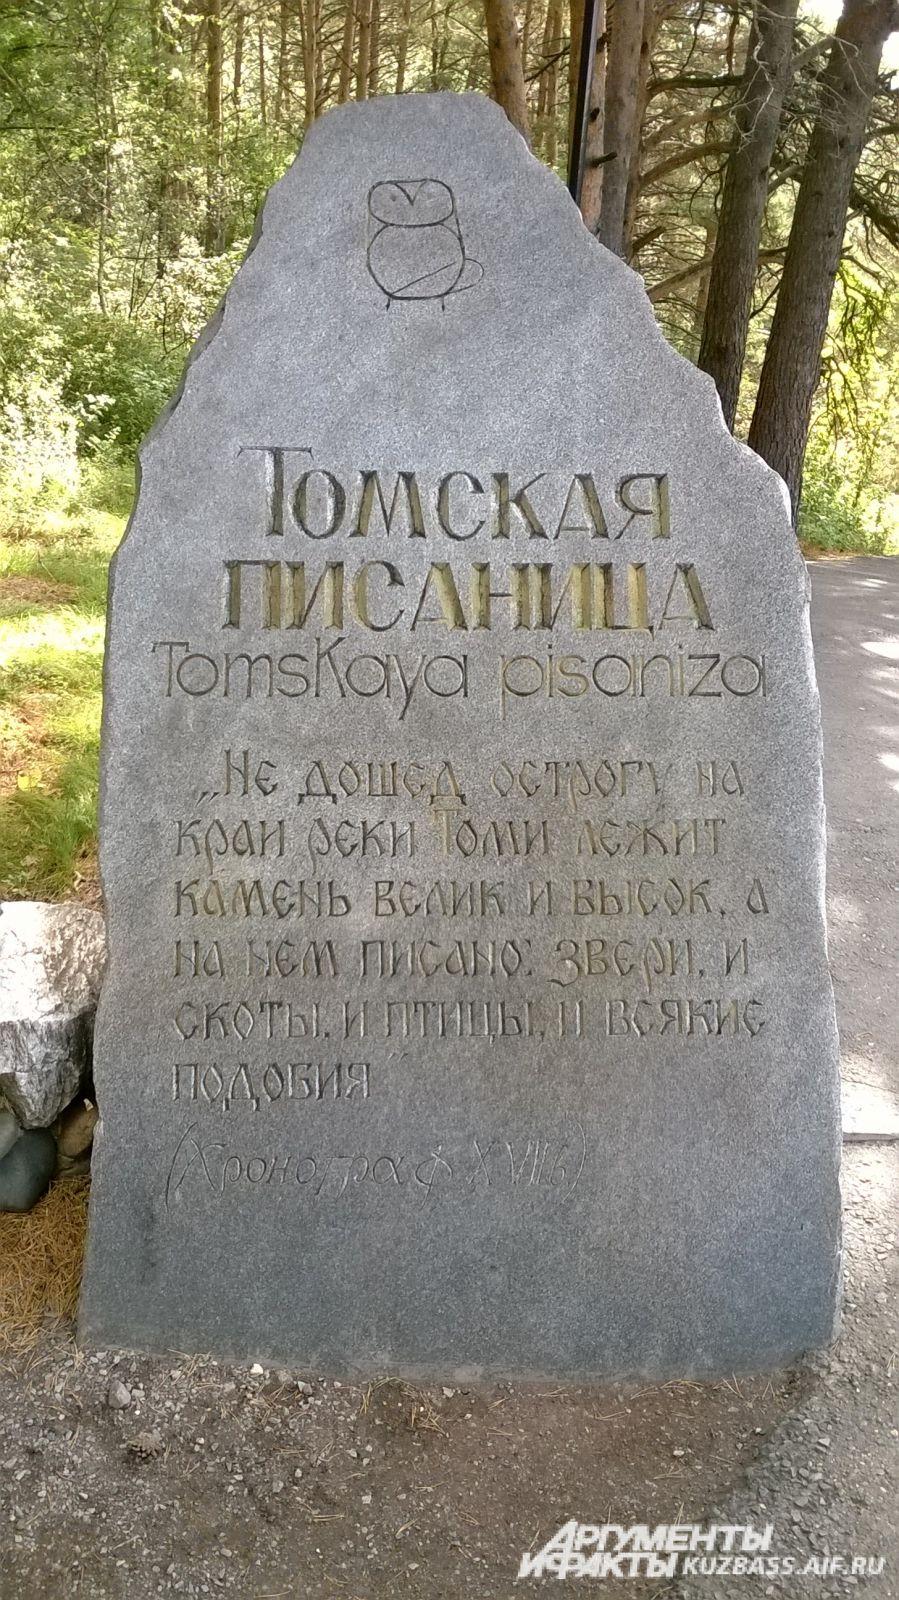 Надпись на камне гласит: «…Не дошед острогу на краи реки Томи лежит камень велик и высок, а на нем писано: звери, и скоты, и птицы, и всякие подобия». Хронограф XVII века.